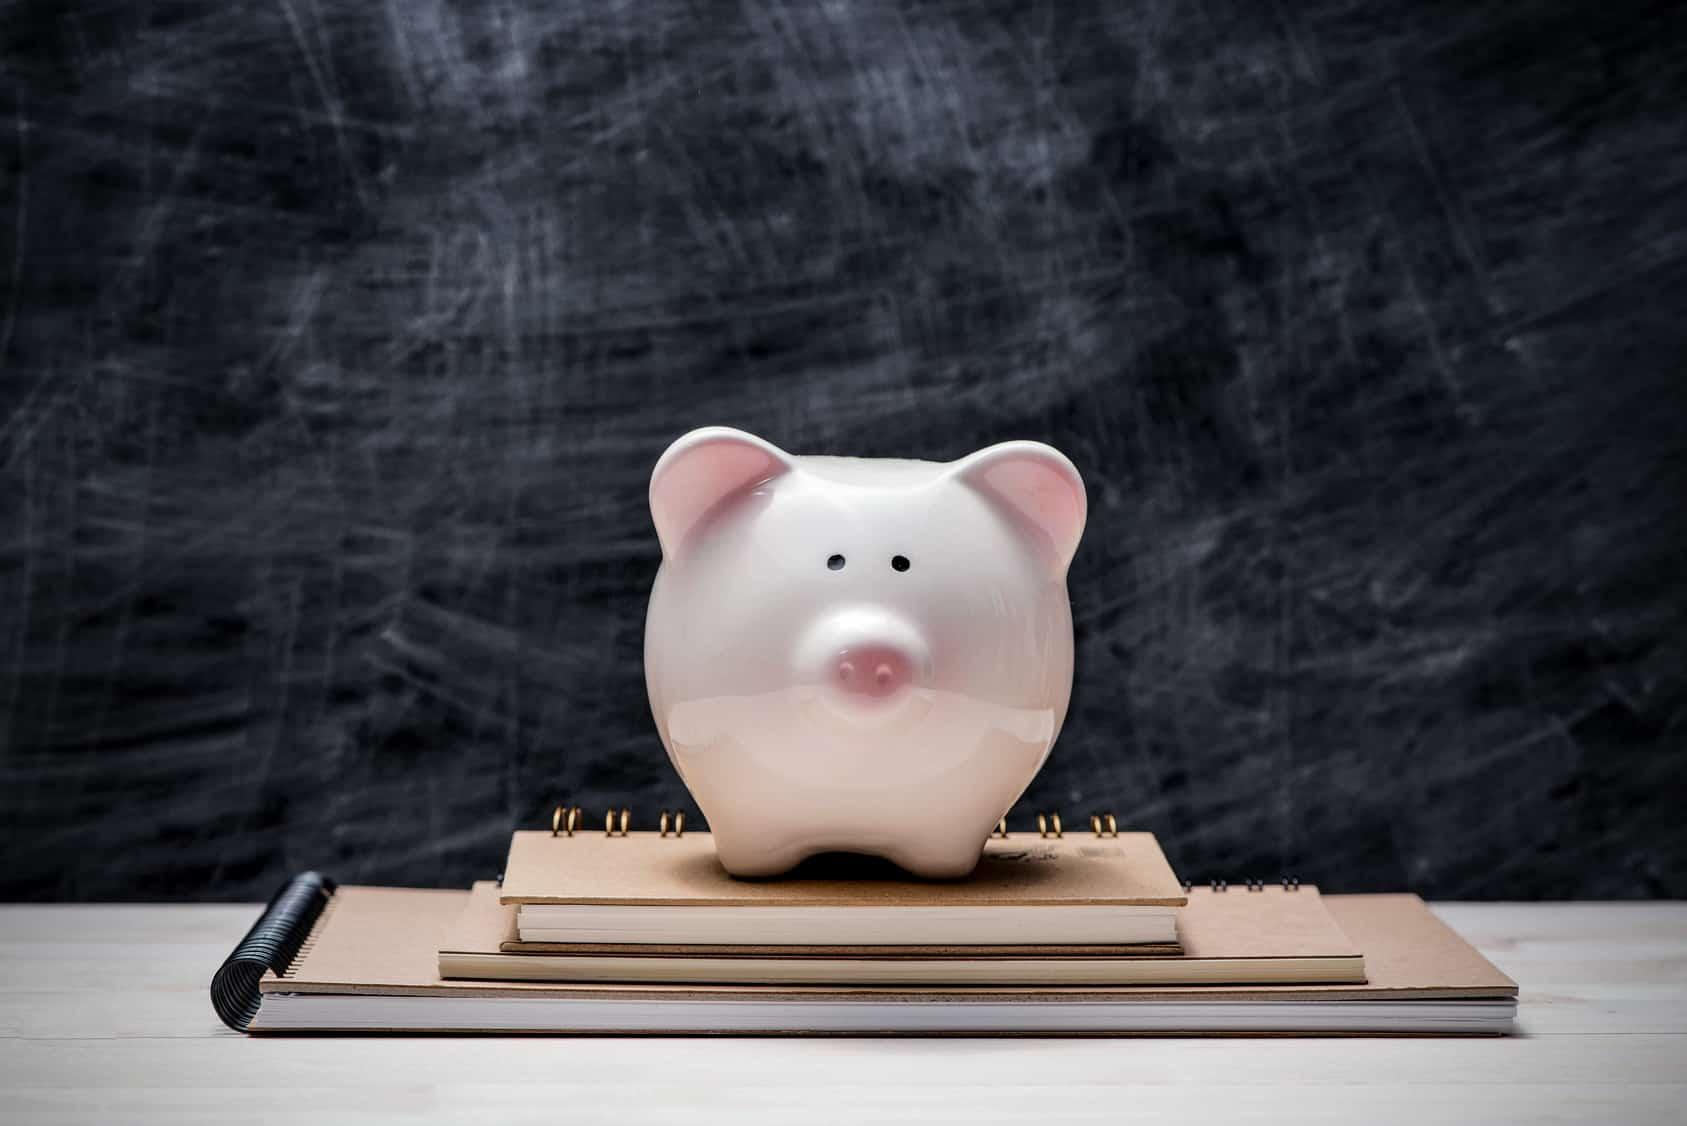 Εξοικονόμηση χρημάτων: Φρόντισε την οικονομία σου για να είσαι ασφαλής